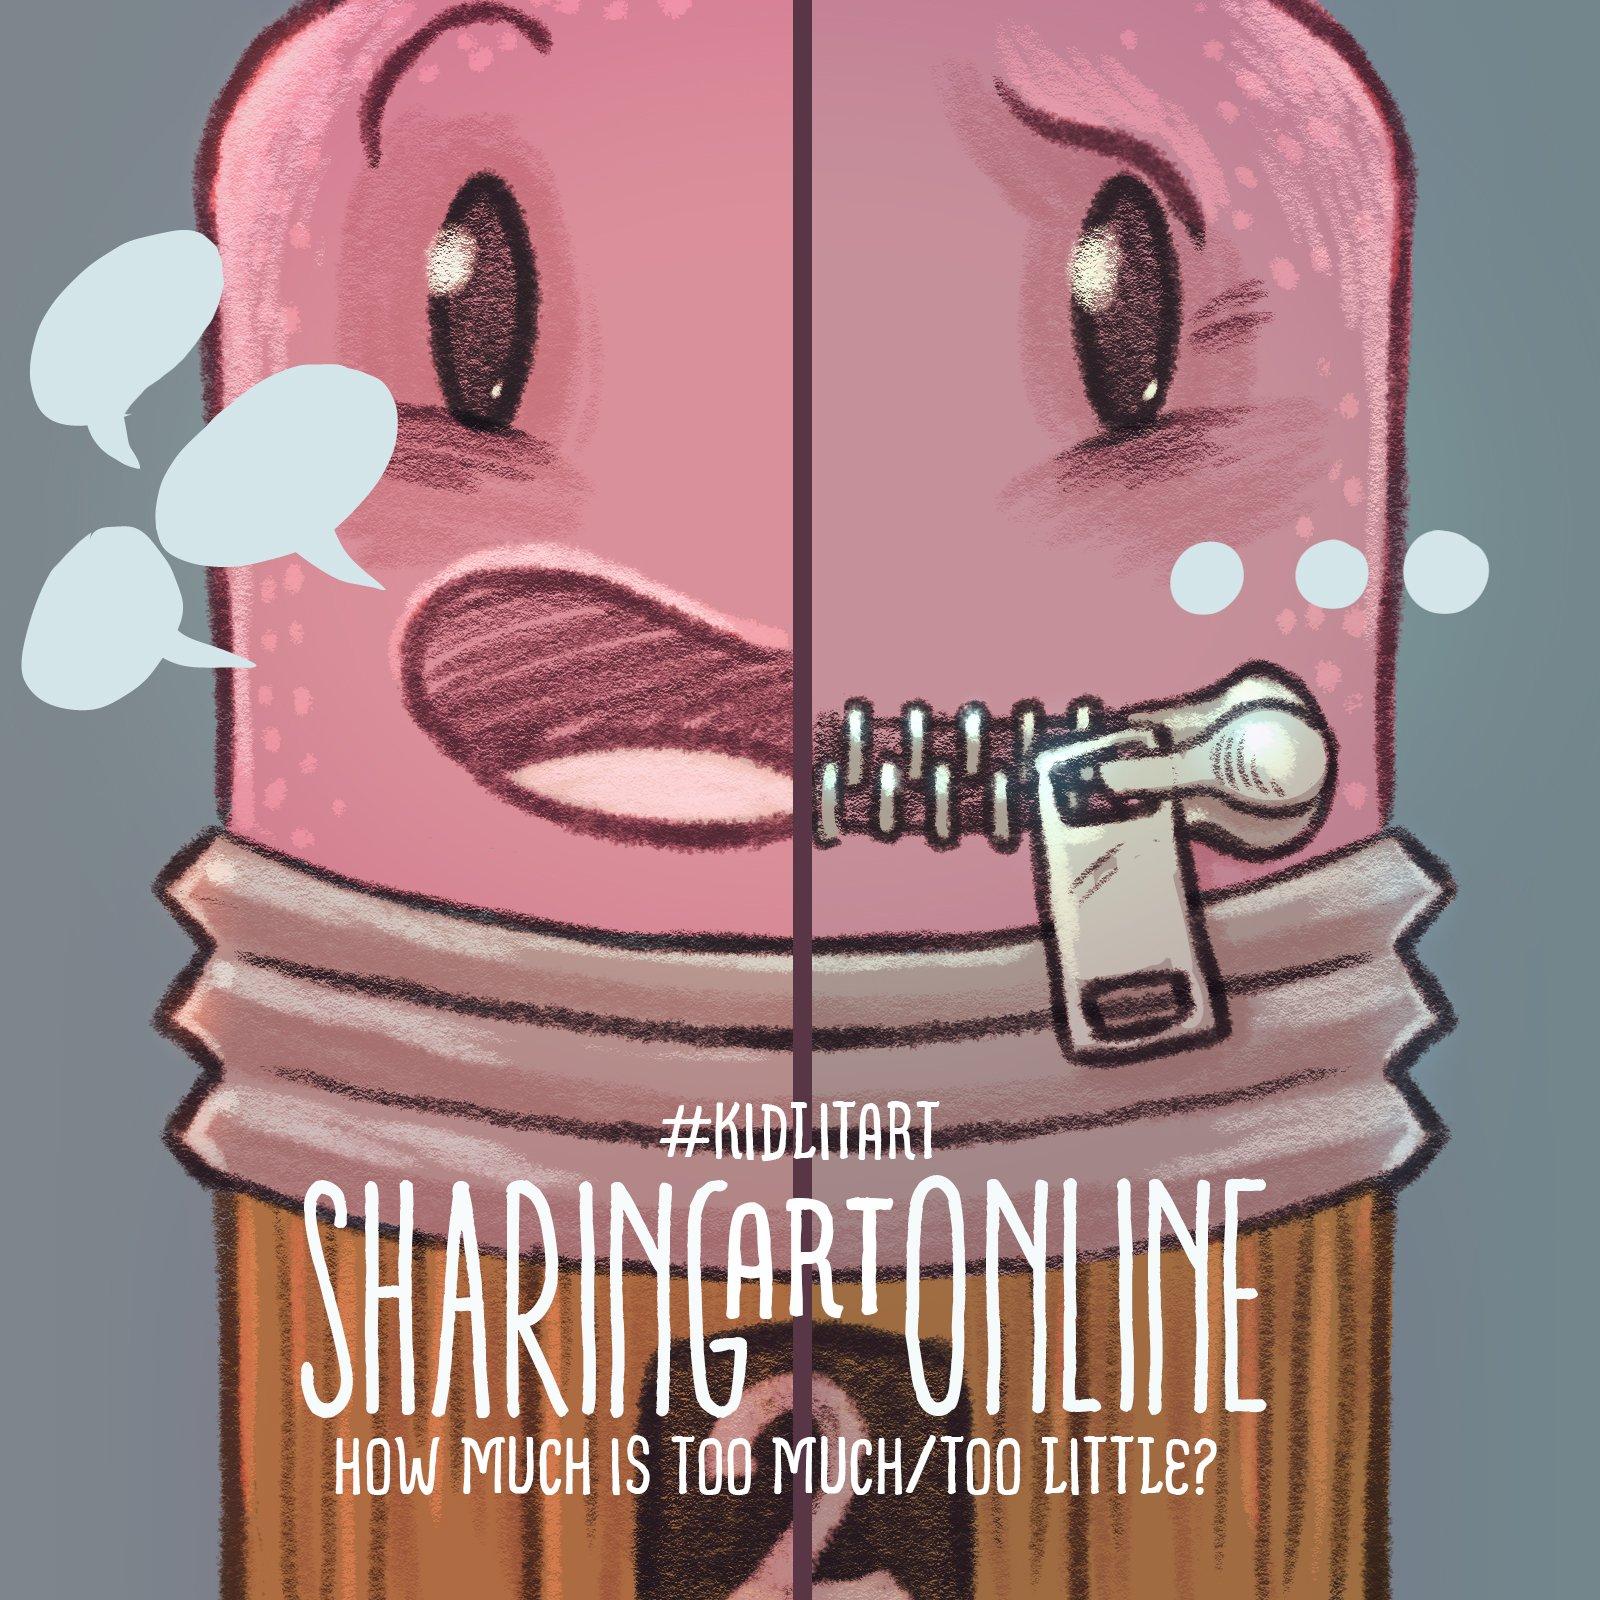 Thumbnail for #kidlitart Sharing Art Online 10-20-16